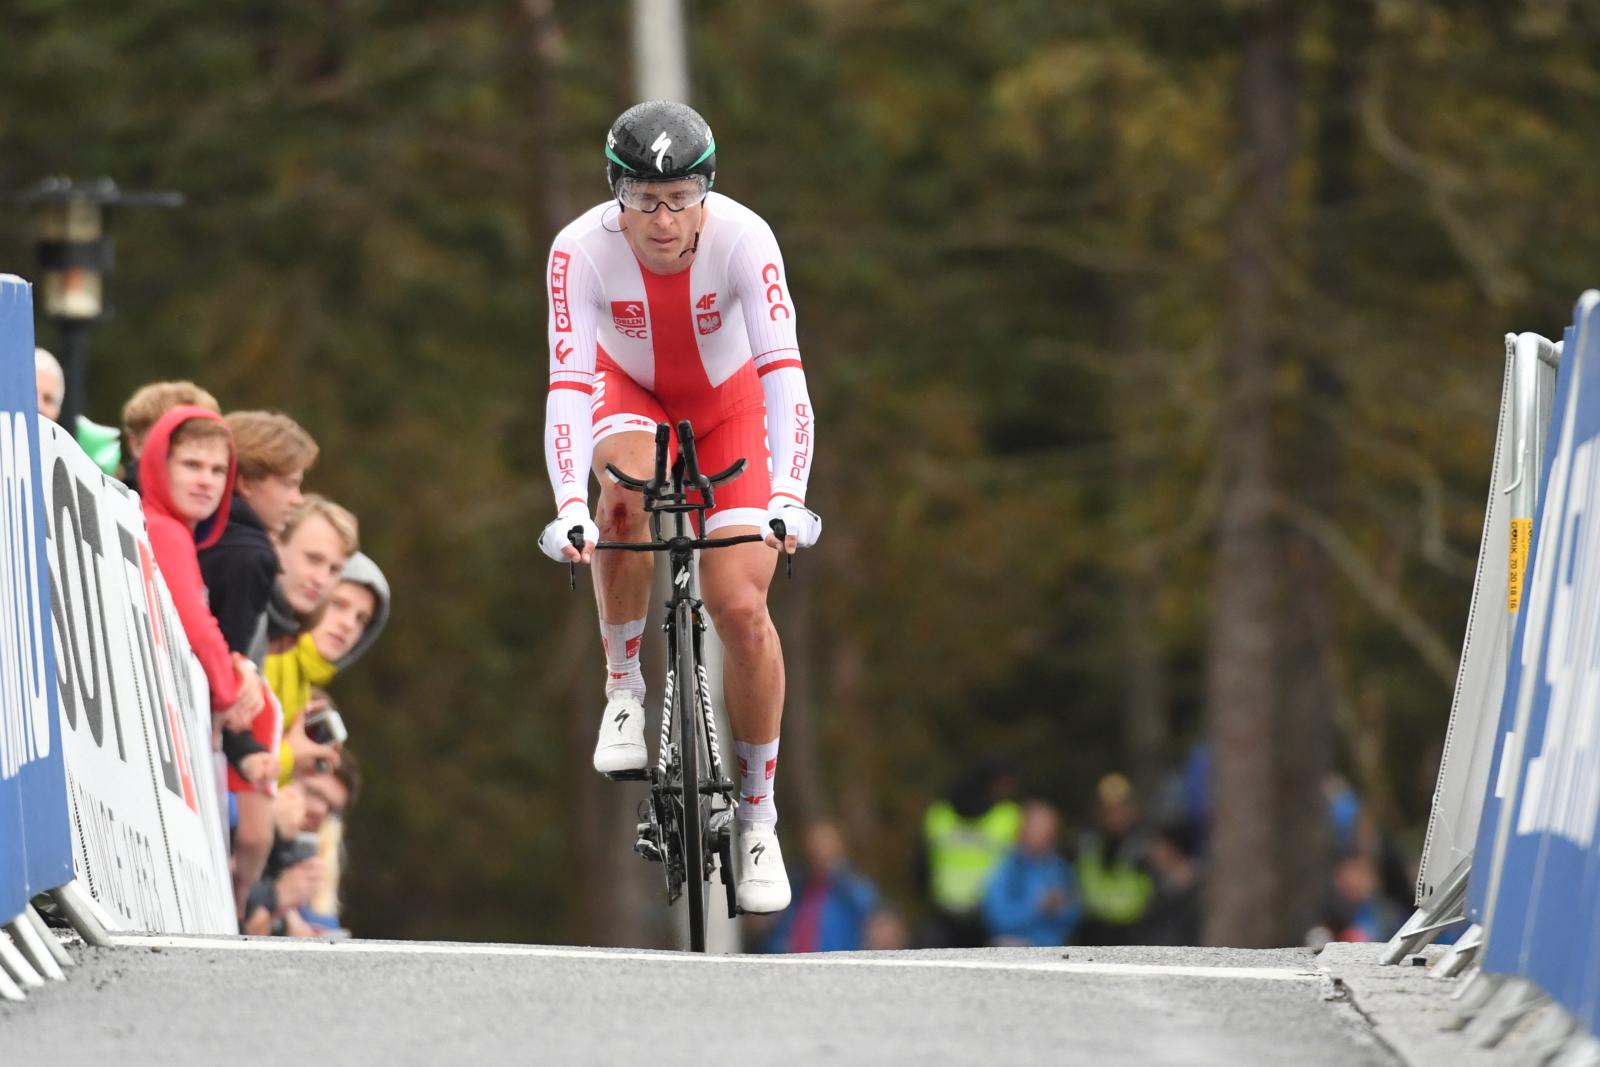 Bergen, Norwegia, Maciej Bodnar trasie jazdy indywidualnej na czas podczas kolarskich mistrzostw świata (PAP/Bartłomiej Zborowski